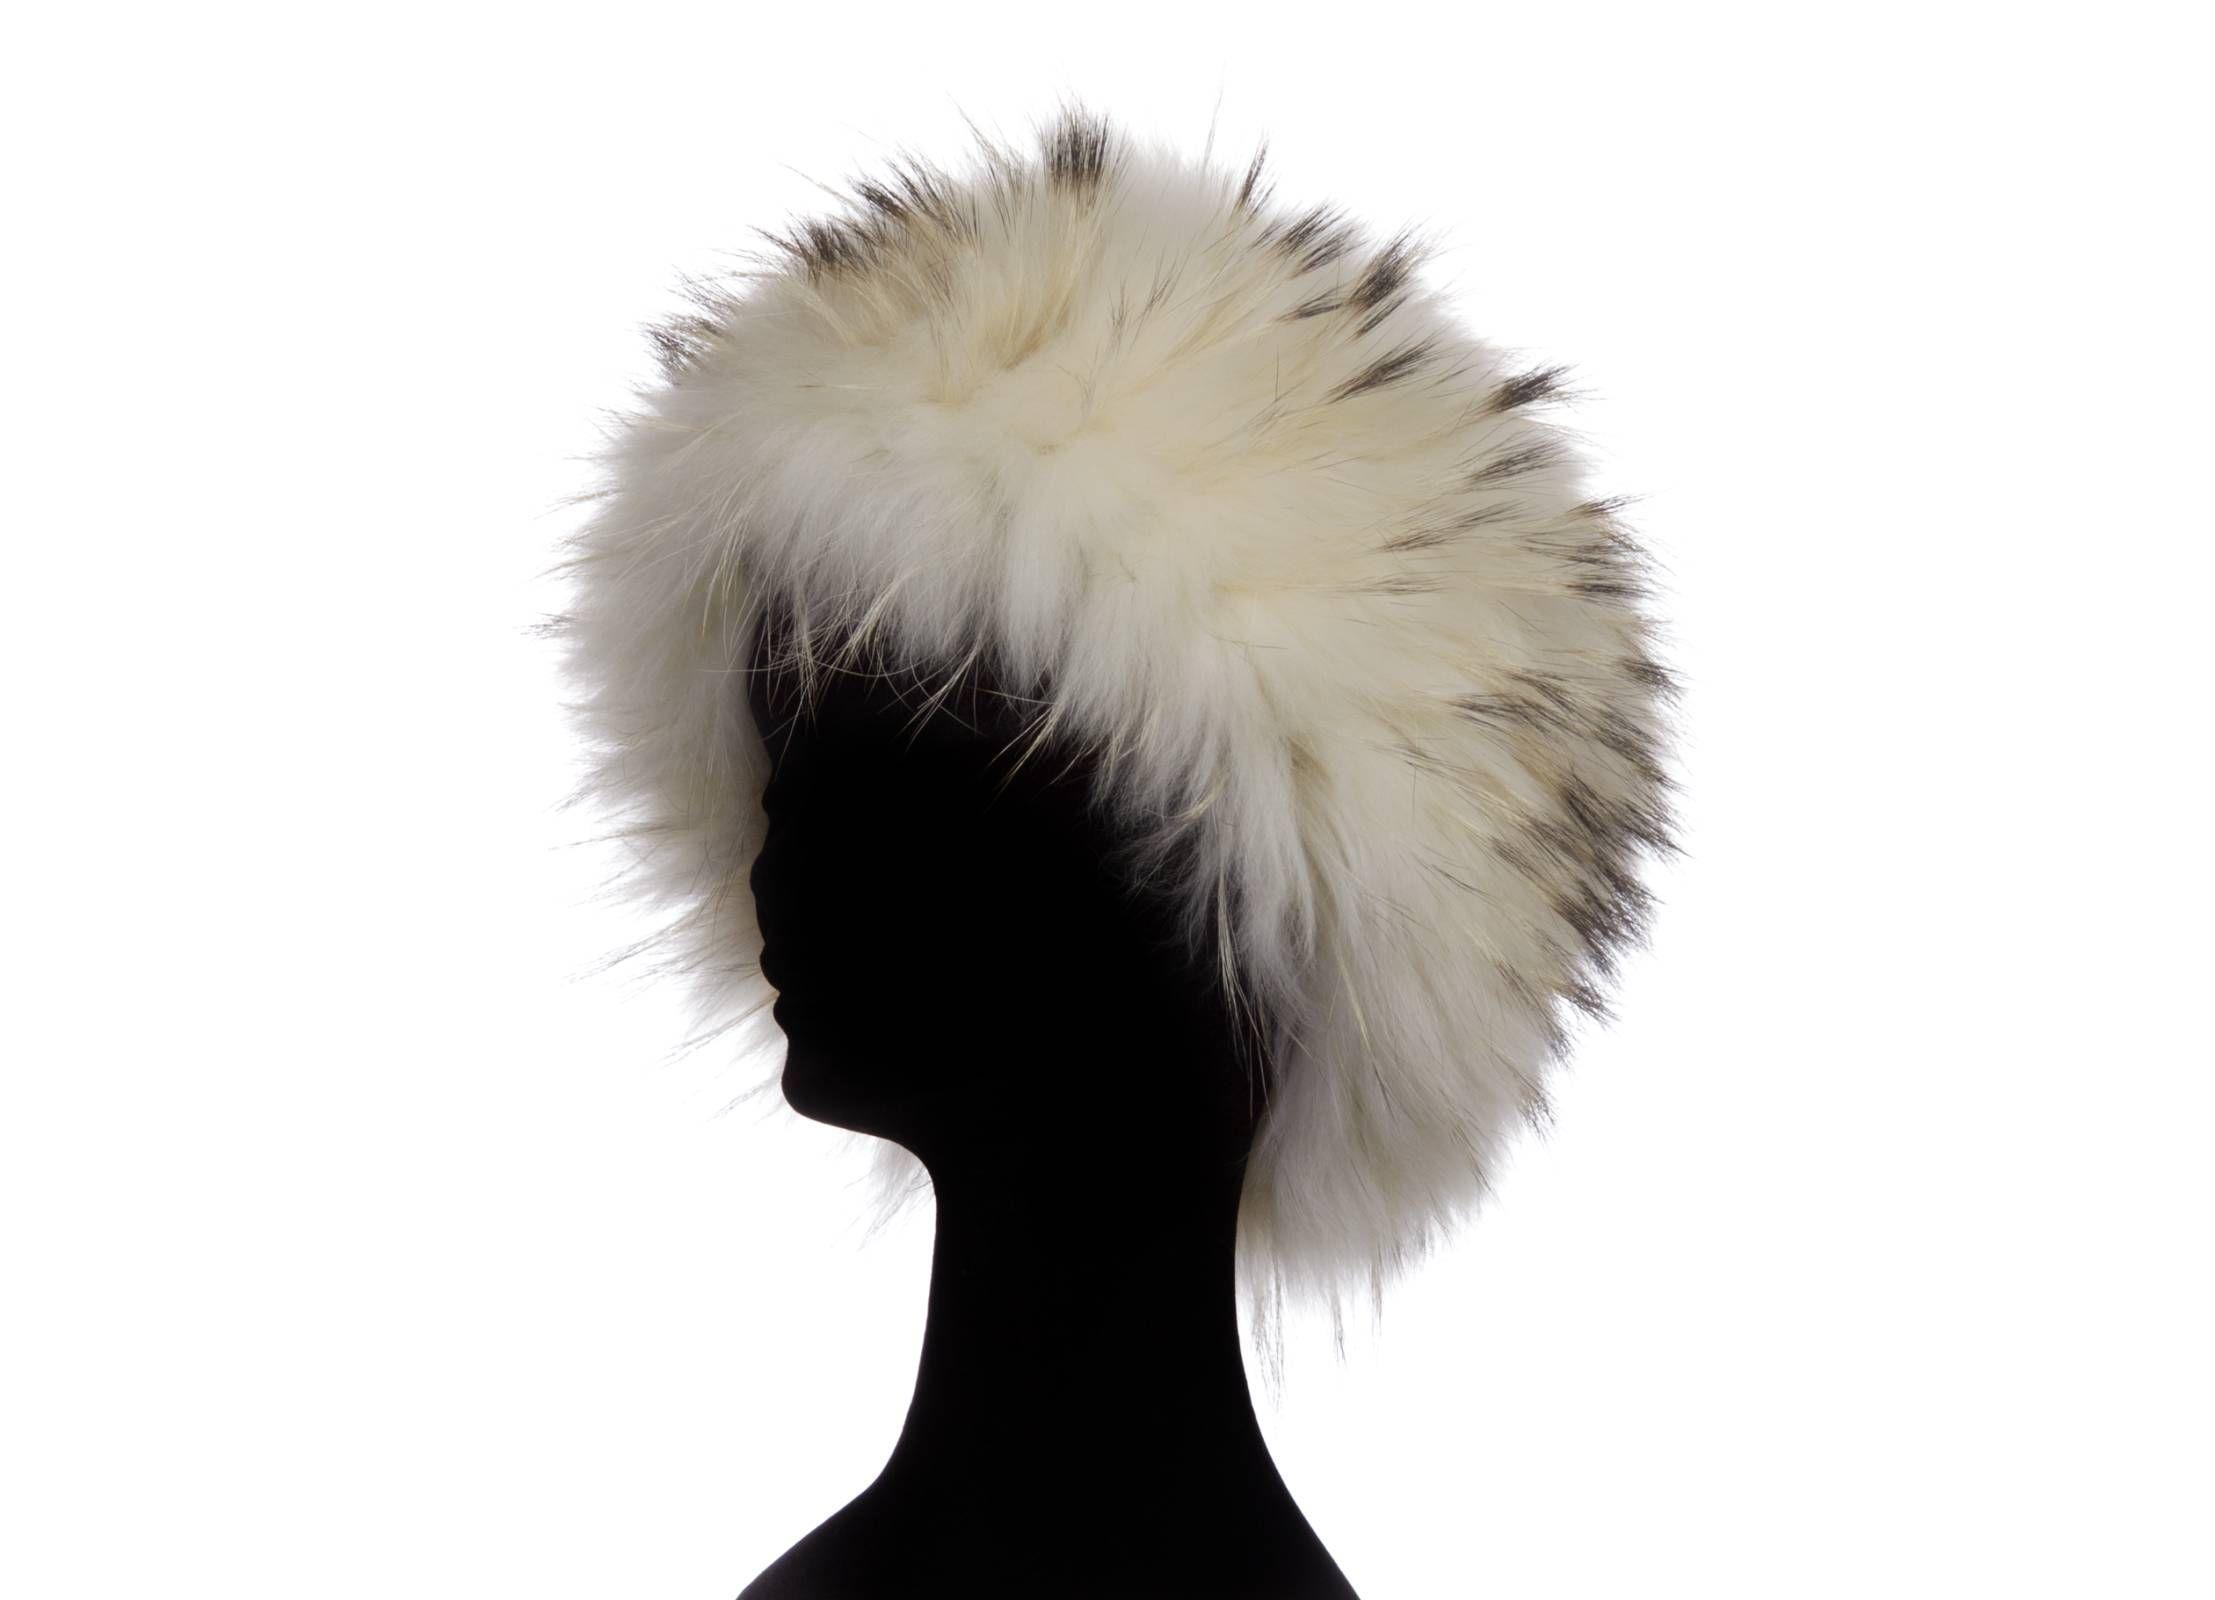 Cappello colbacco mourmasky decolorato misure S M L ...